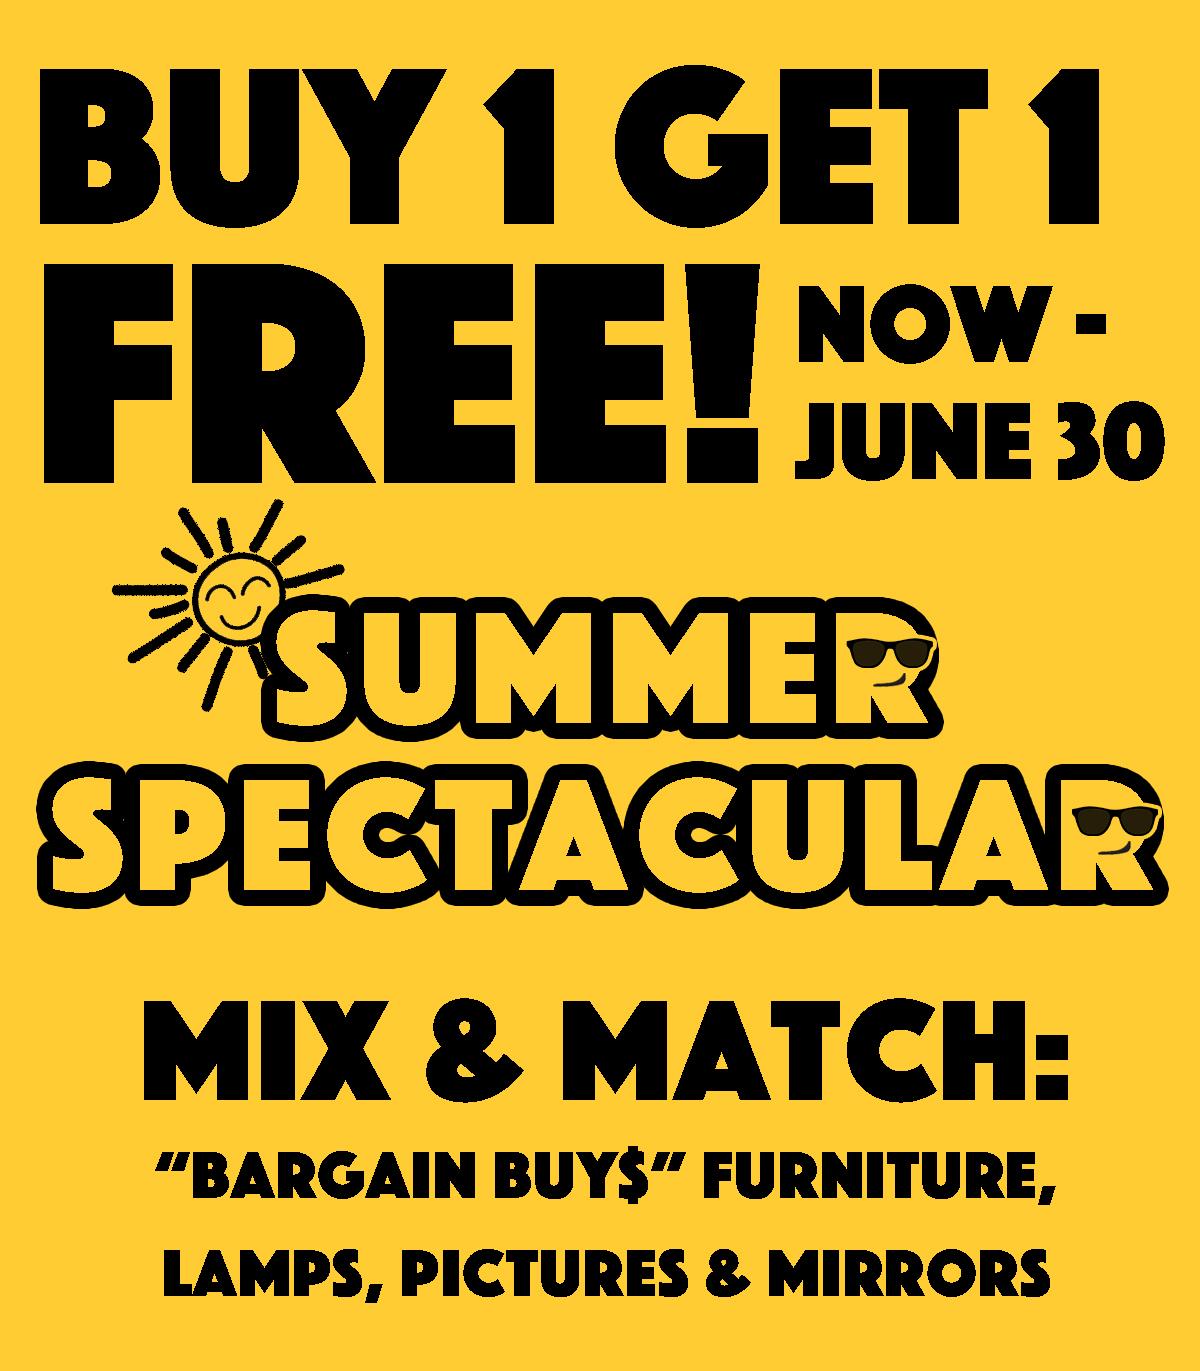 JUNE SALE - Buy 1 Get 1 FREE!